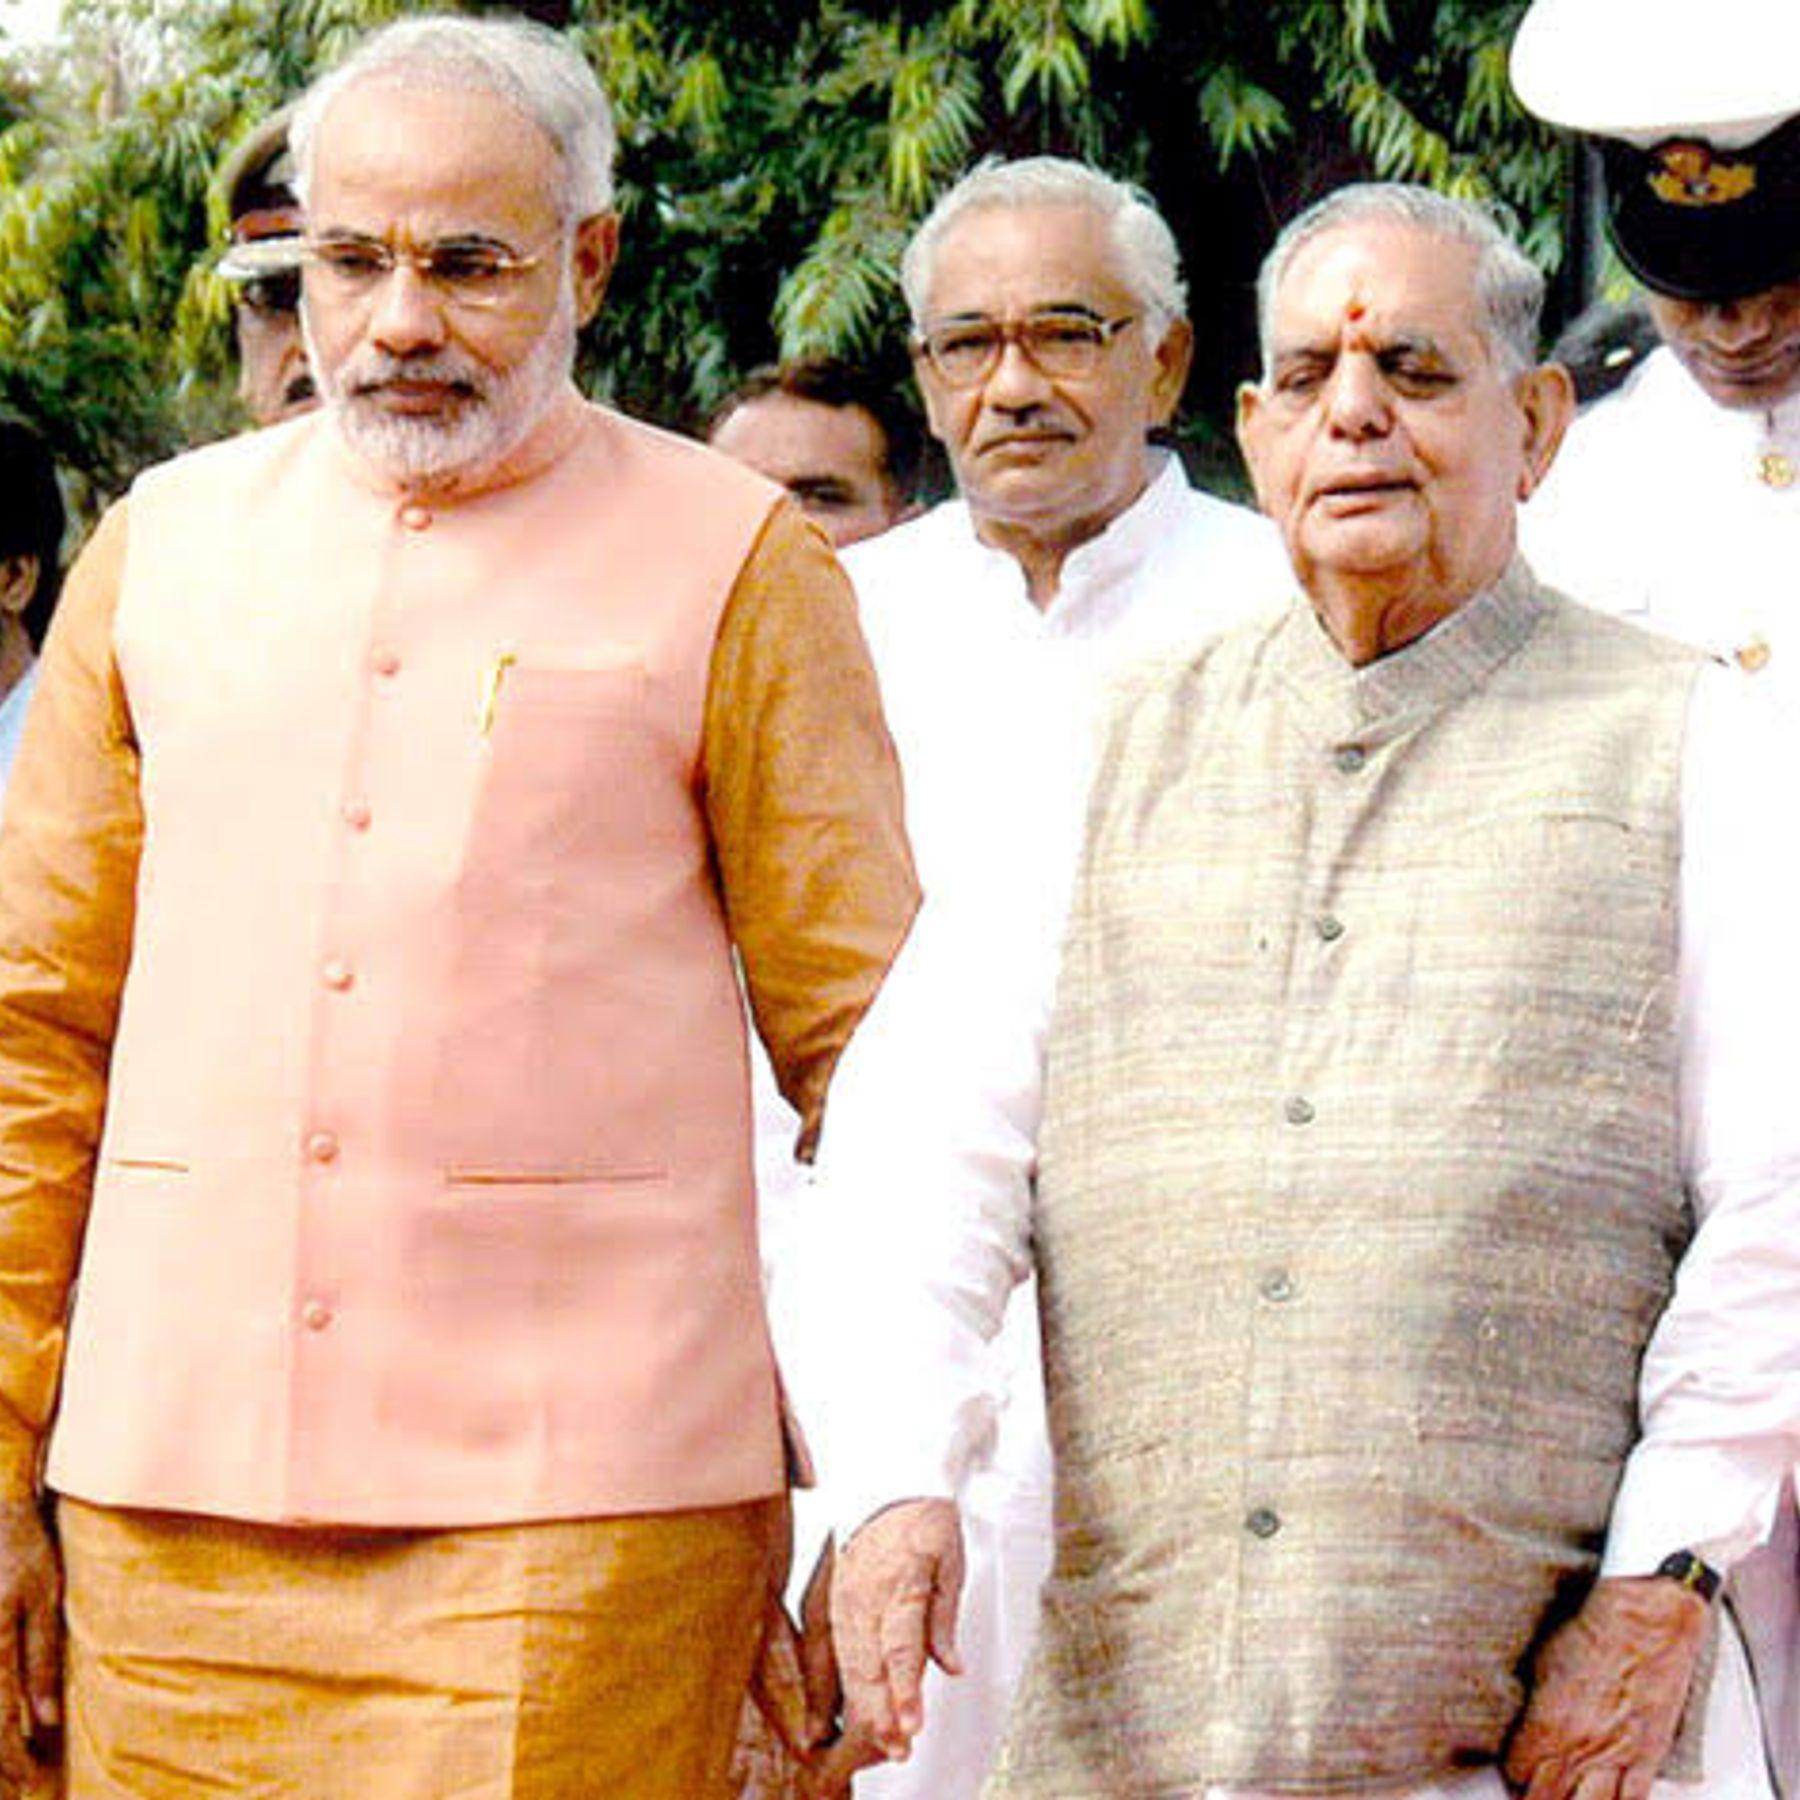 2007માં એ સમયના ગવર્નર નવલ કિશોર શર્માએ નરેન્દ્ર મોદીને બીજી વખત મુખ્યમંત્રી પદના શપથ અપાવ્યા હતા.